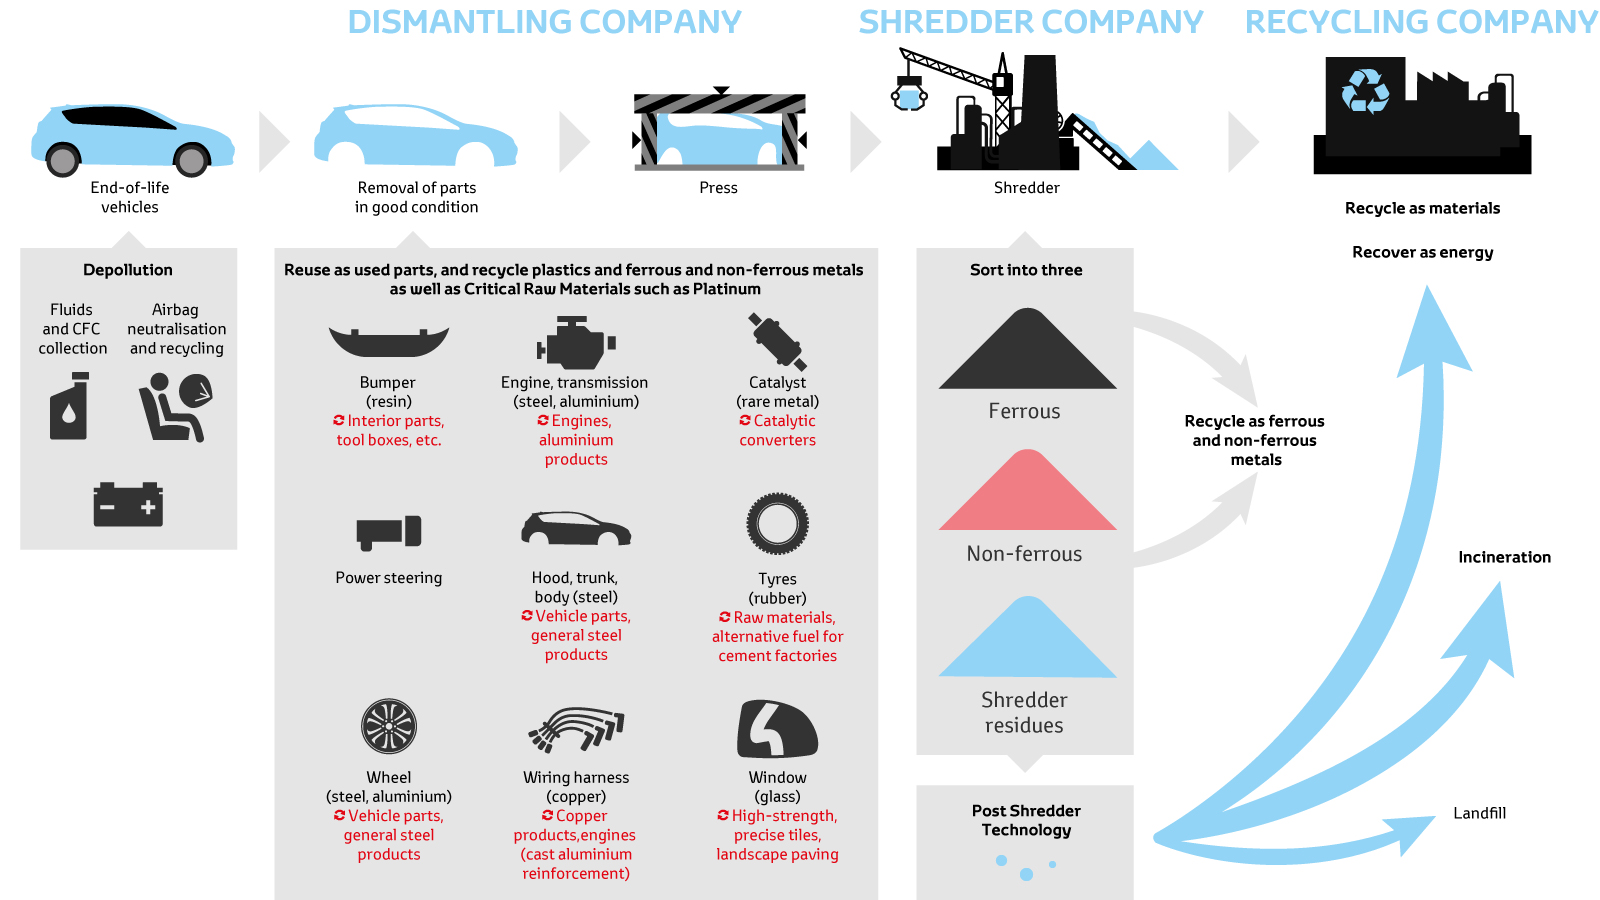 Toyota Corolla Repair Manual: Disposal